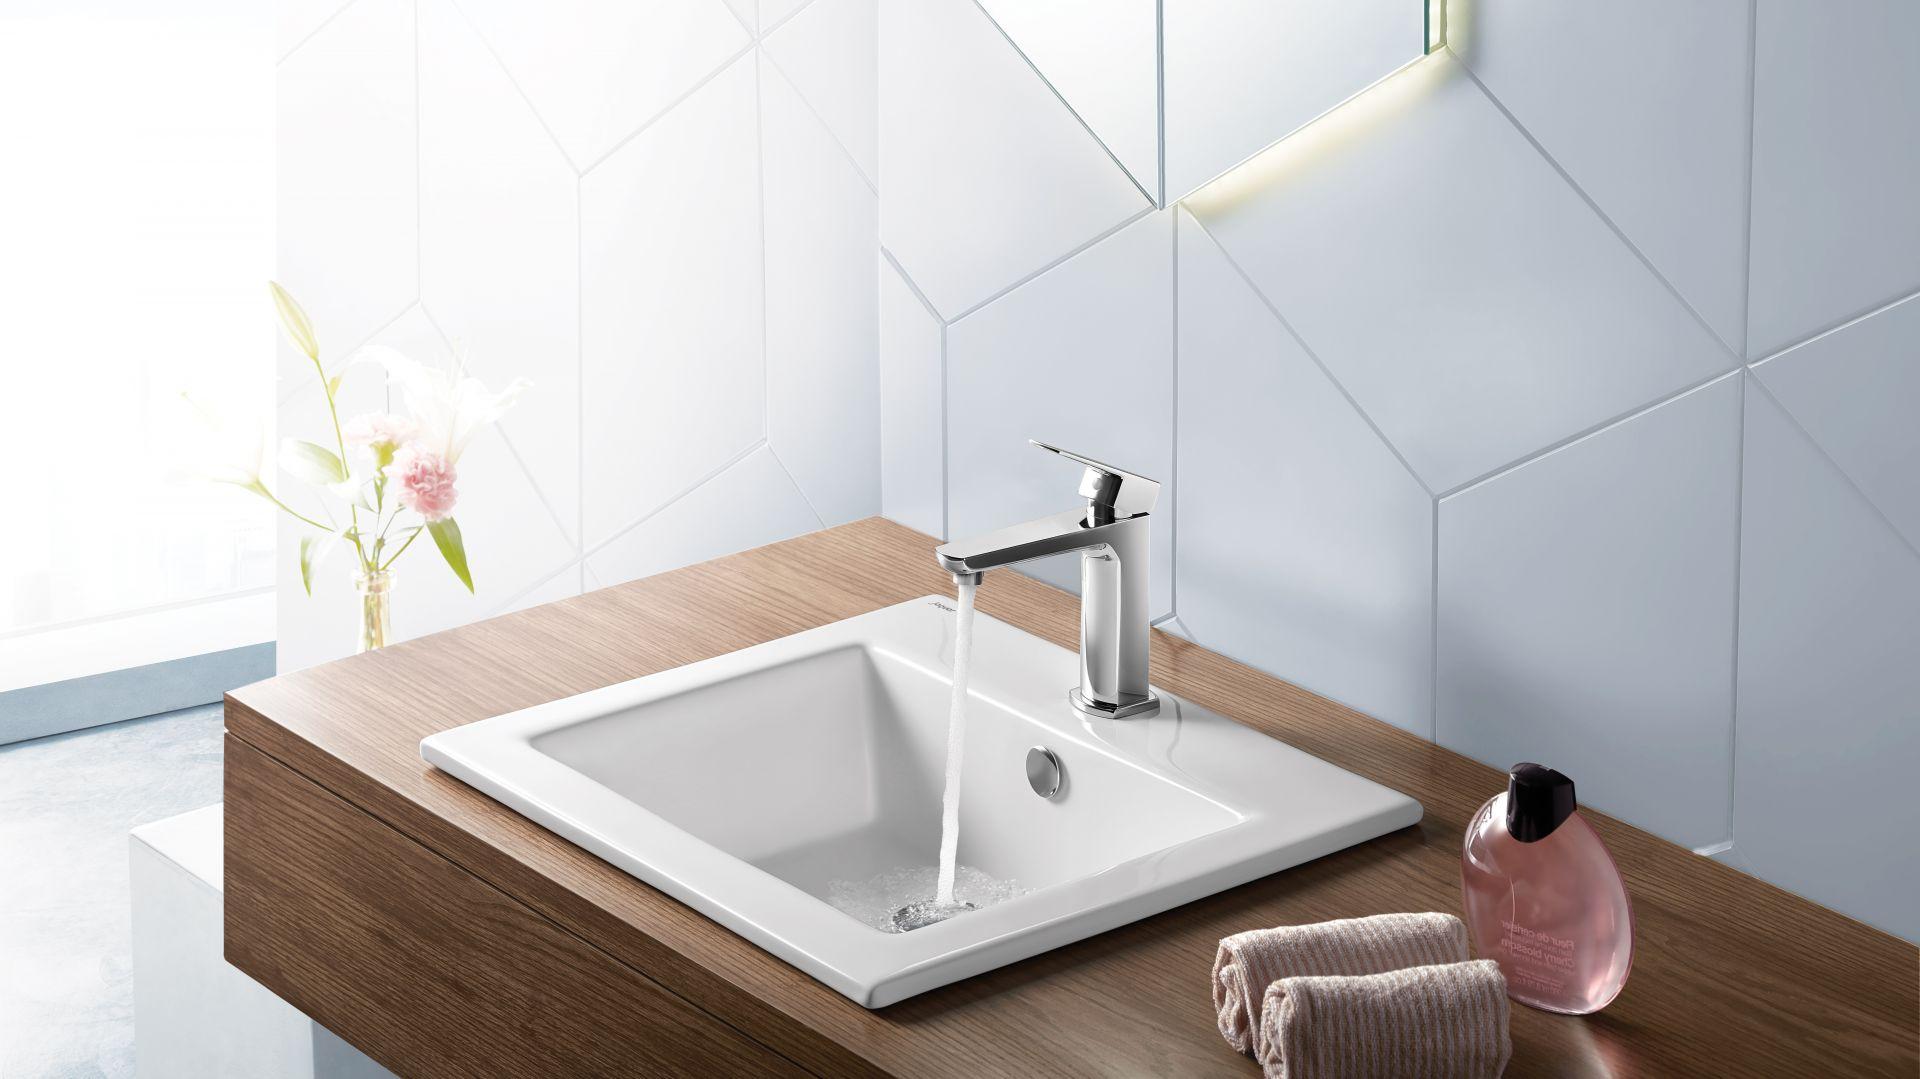 KUBIX – umywalka wpuszczana w blat  z serii ceramiki o nowoczesnej, geometrycznej formie. Fot. Jaquar